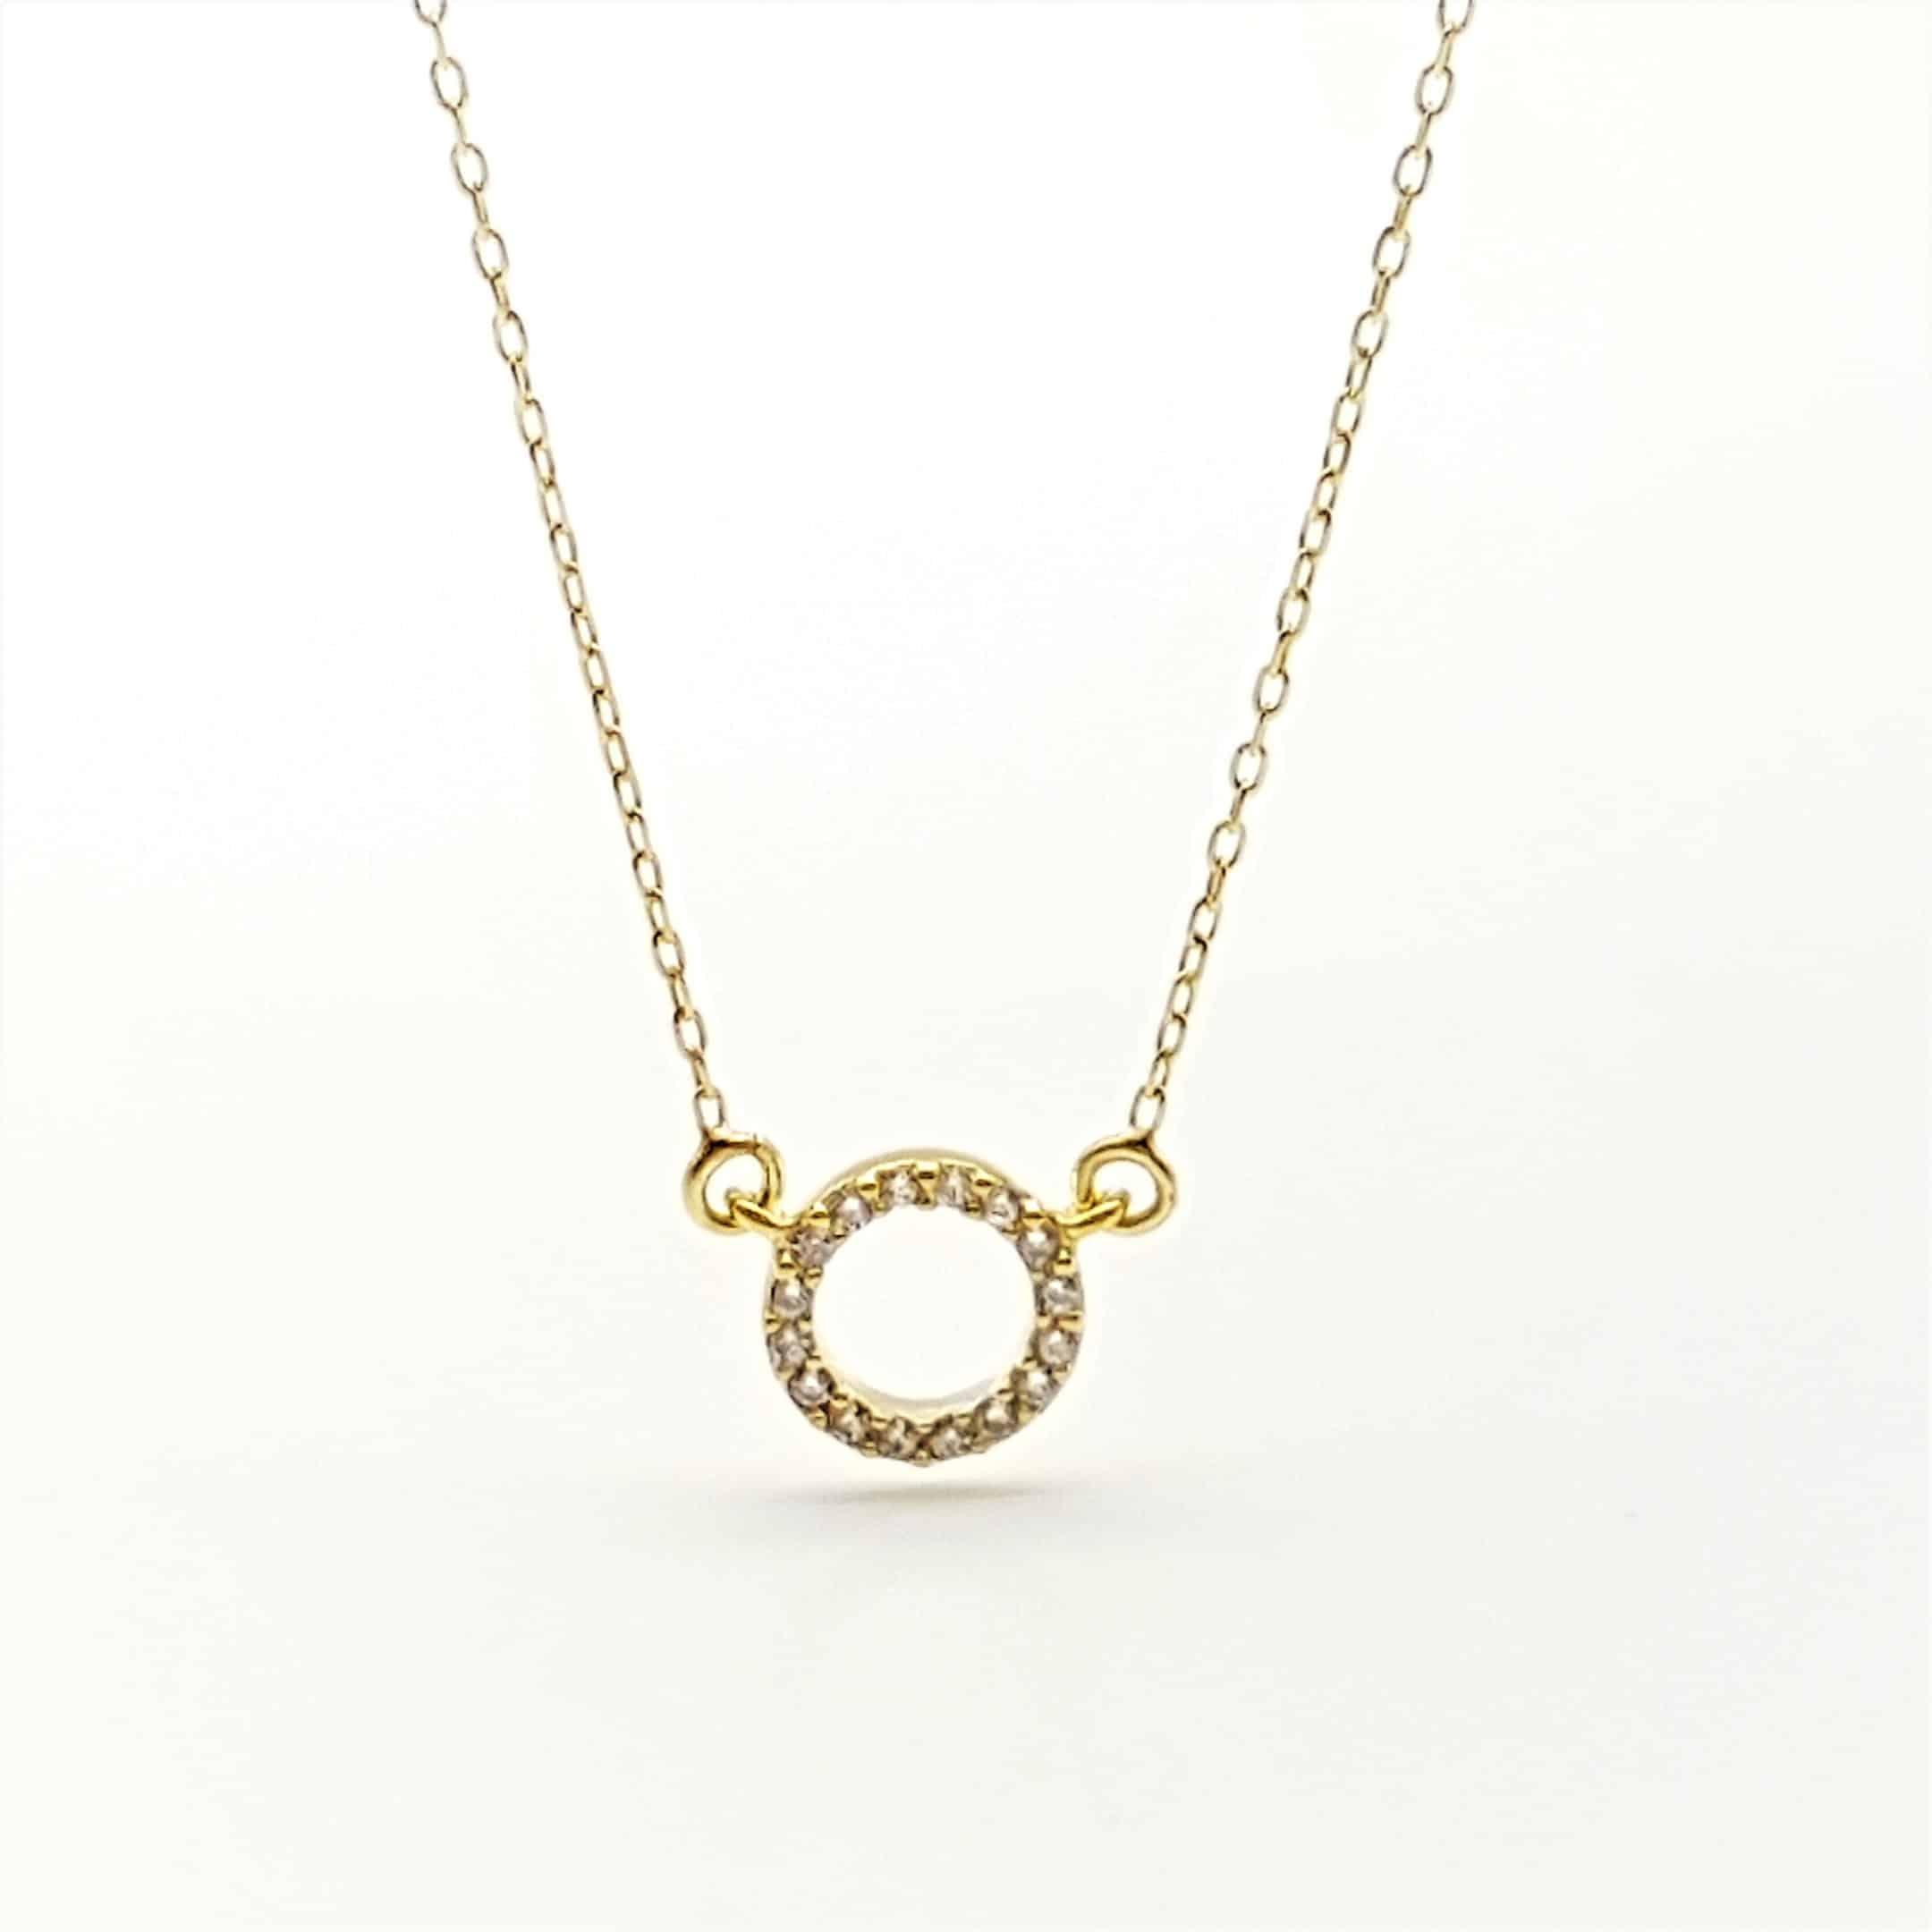 Gargantilla mini aro plata chapada en oro y circonitas (5)